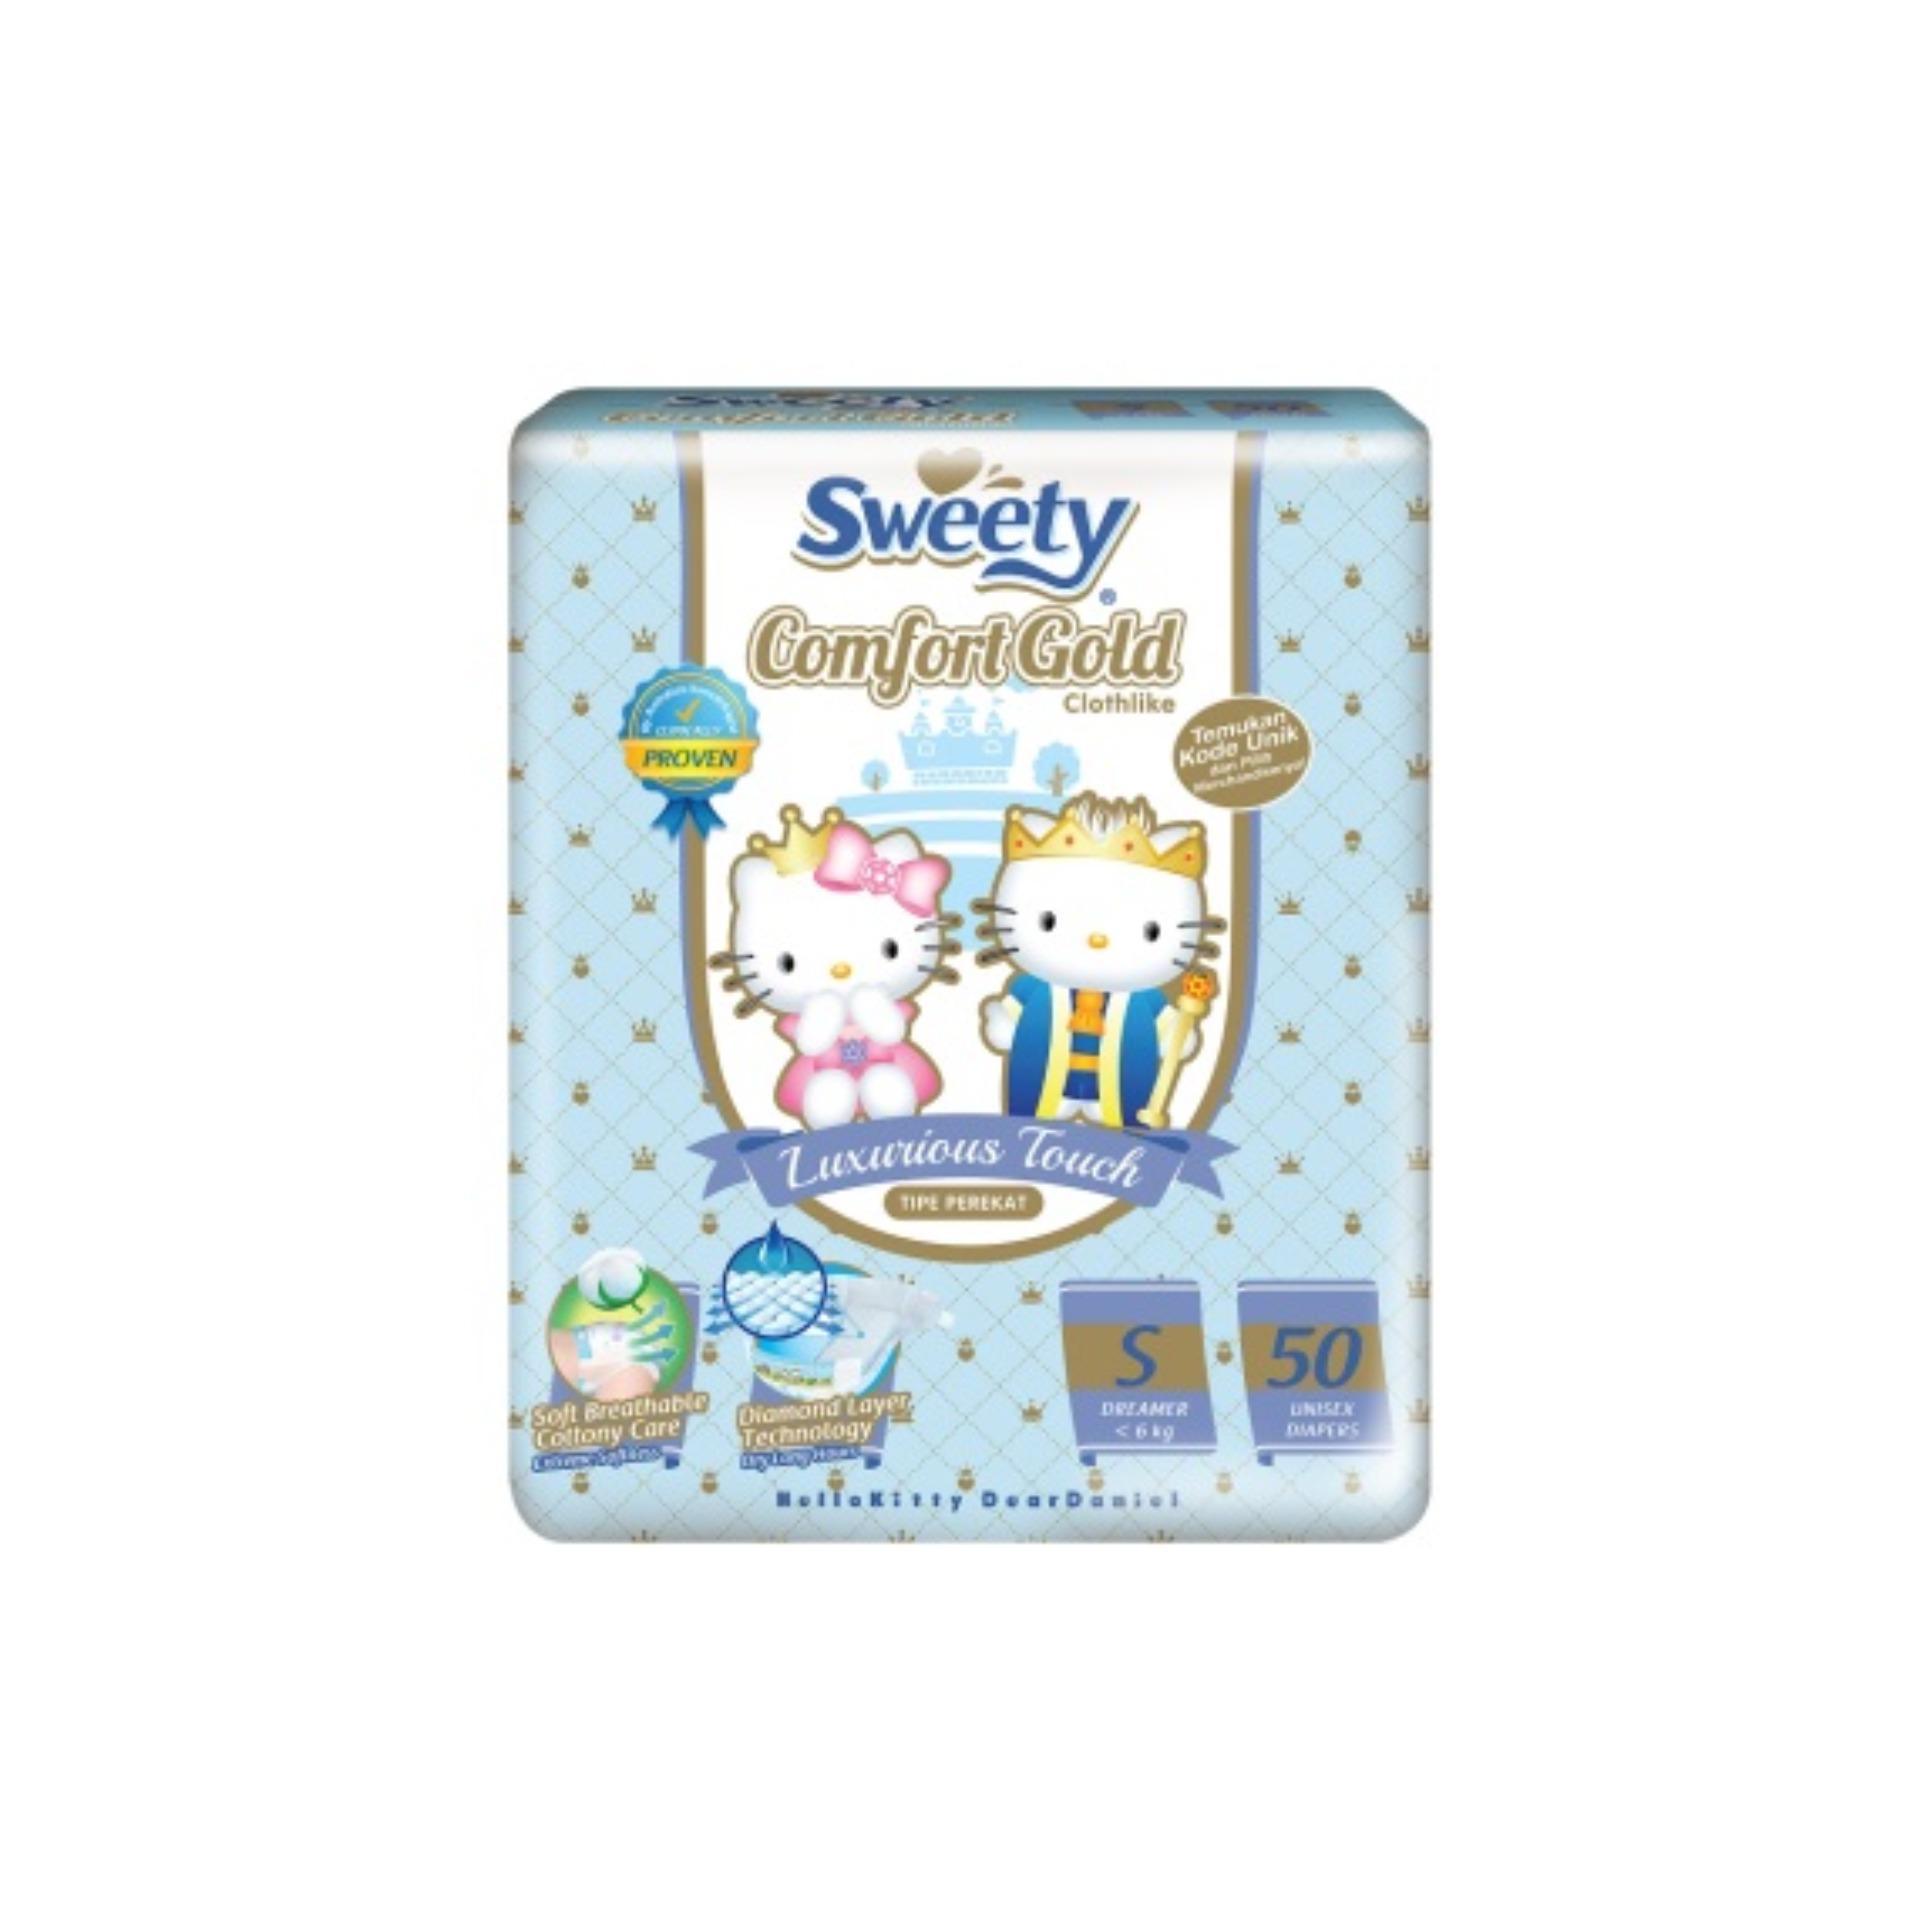 Beli Sweety Silver Pants Popok Bayi Dan Anak Unisex Diapers Tipe Comfort Gold Tape S 26 Mudah Digunakan Perekat S50 50